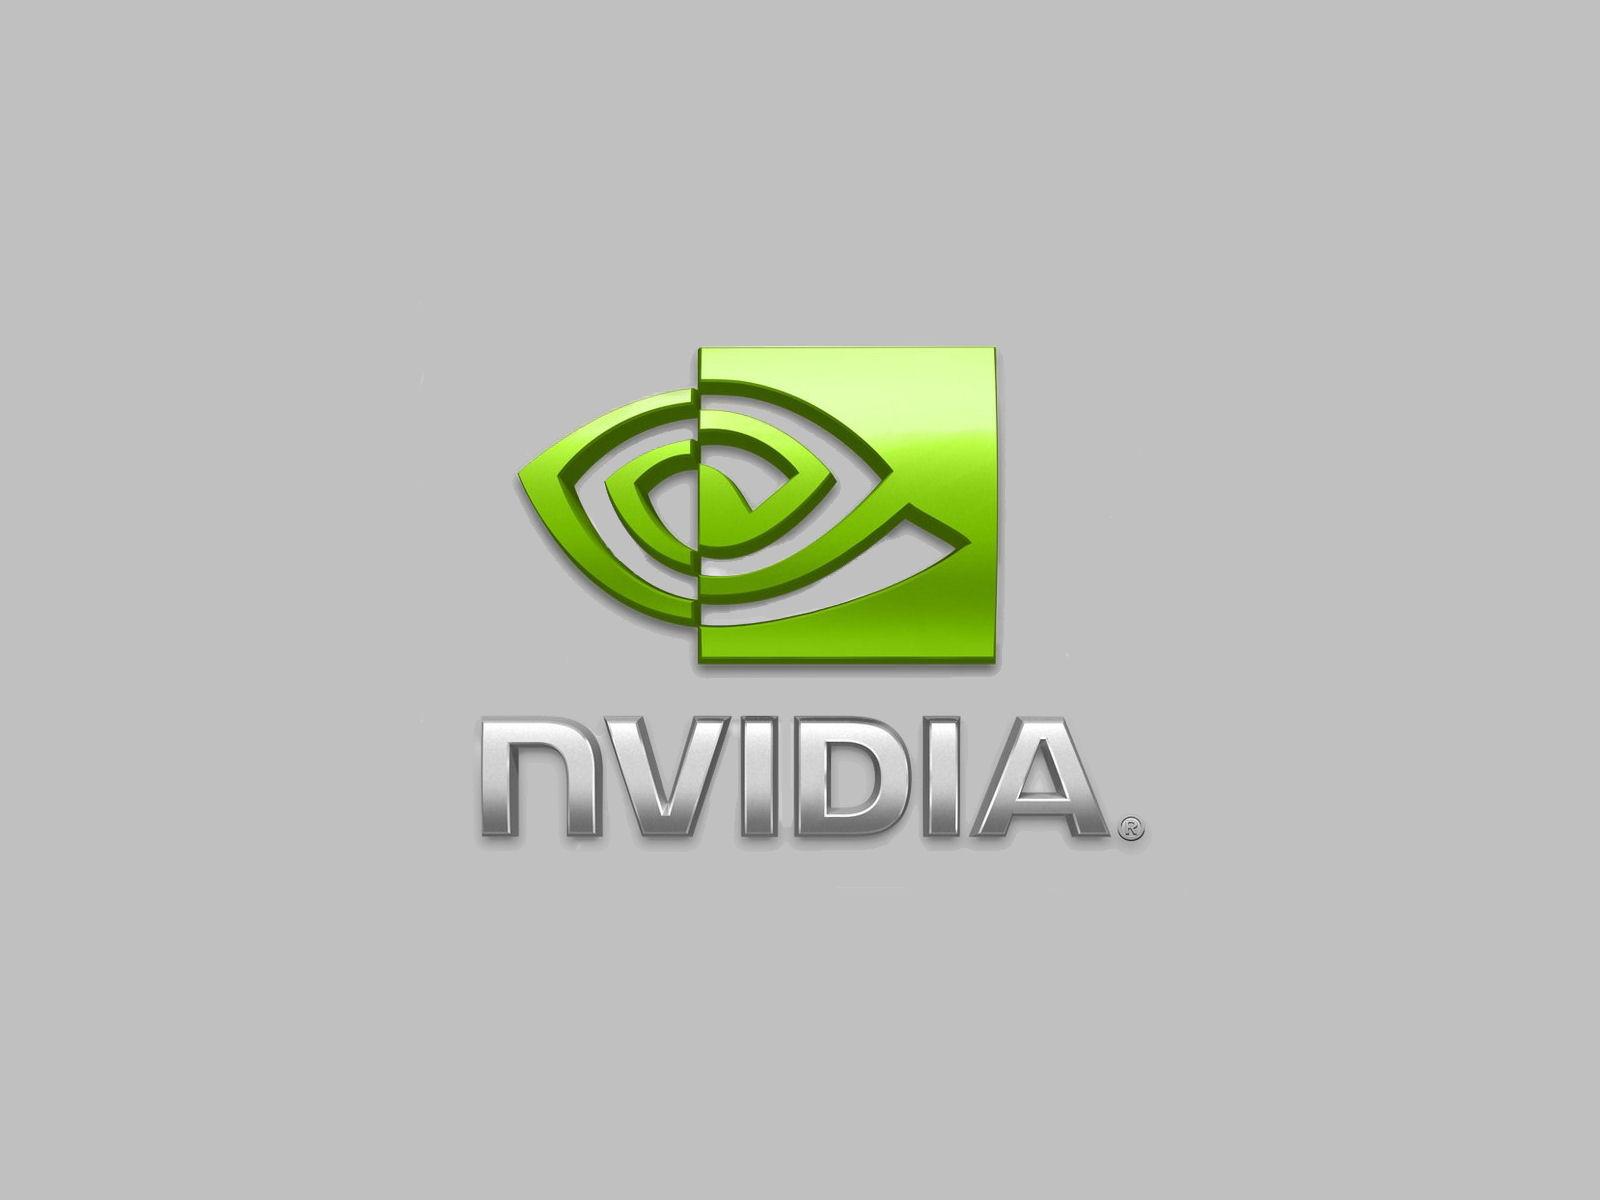 Nvidia Wallpaper 3